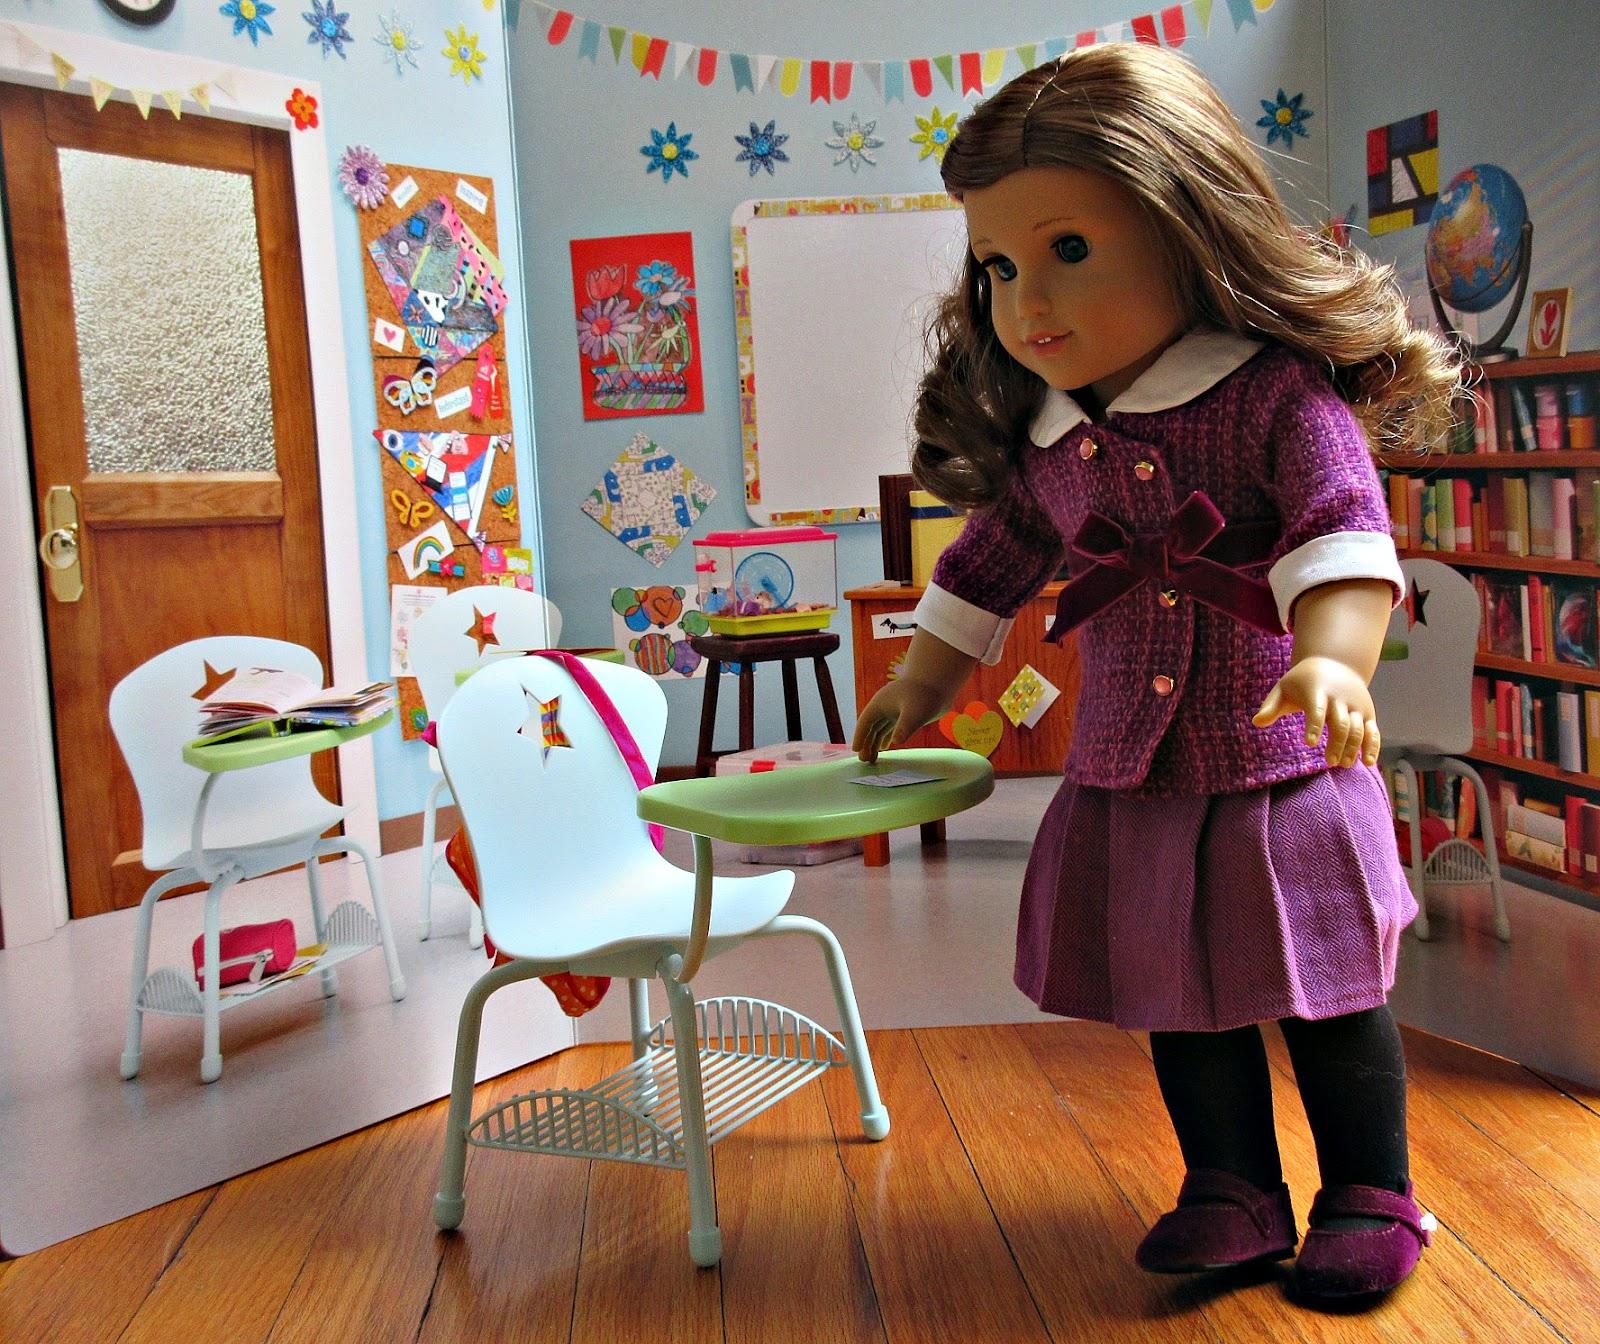 American Girl Doll Rebecca.jpg